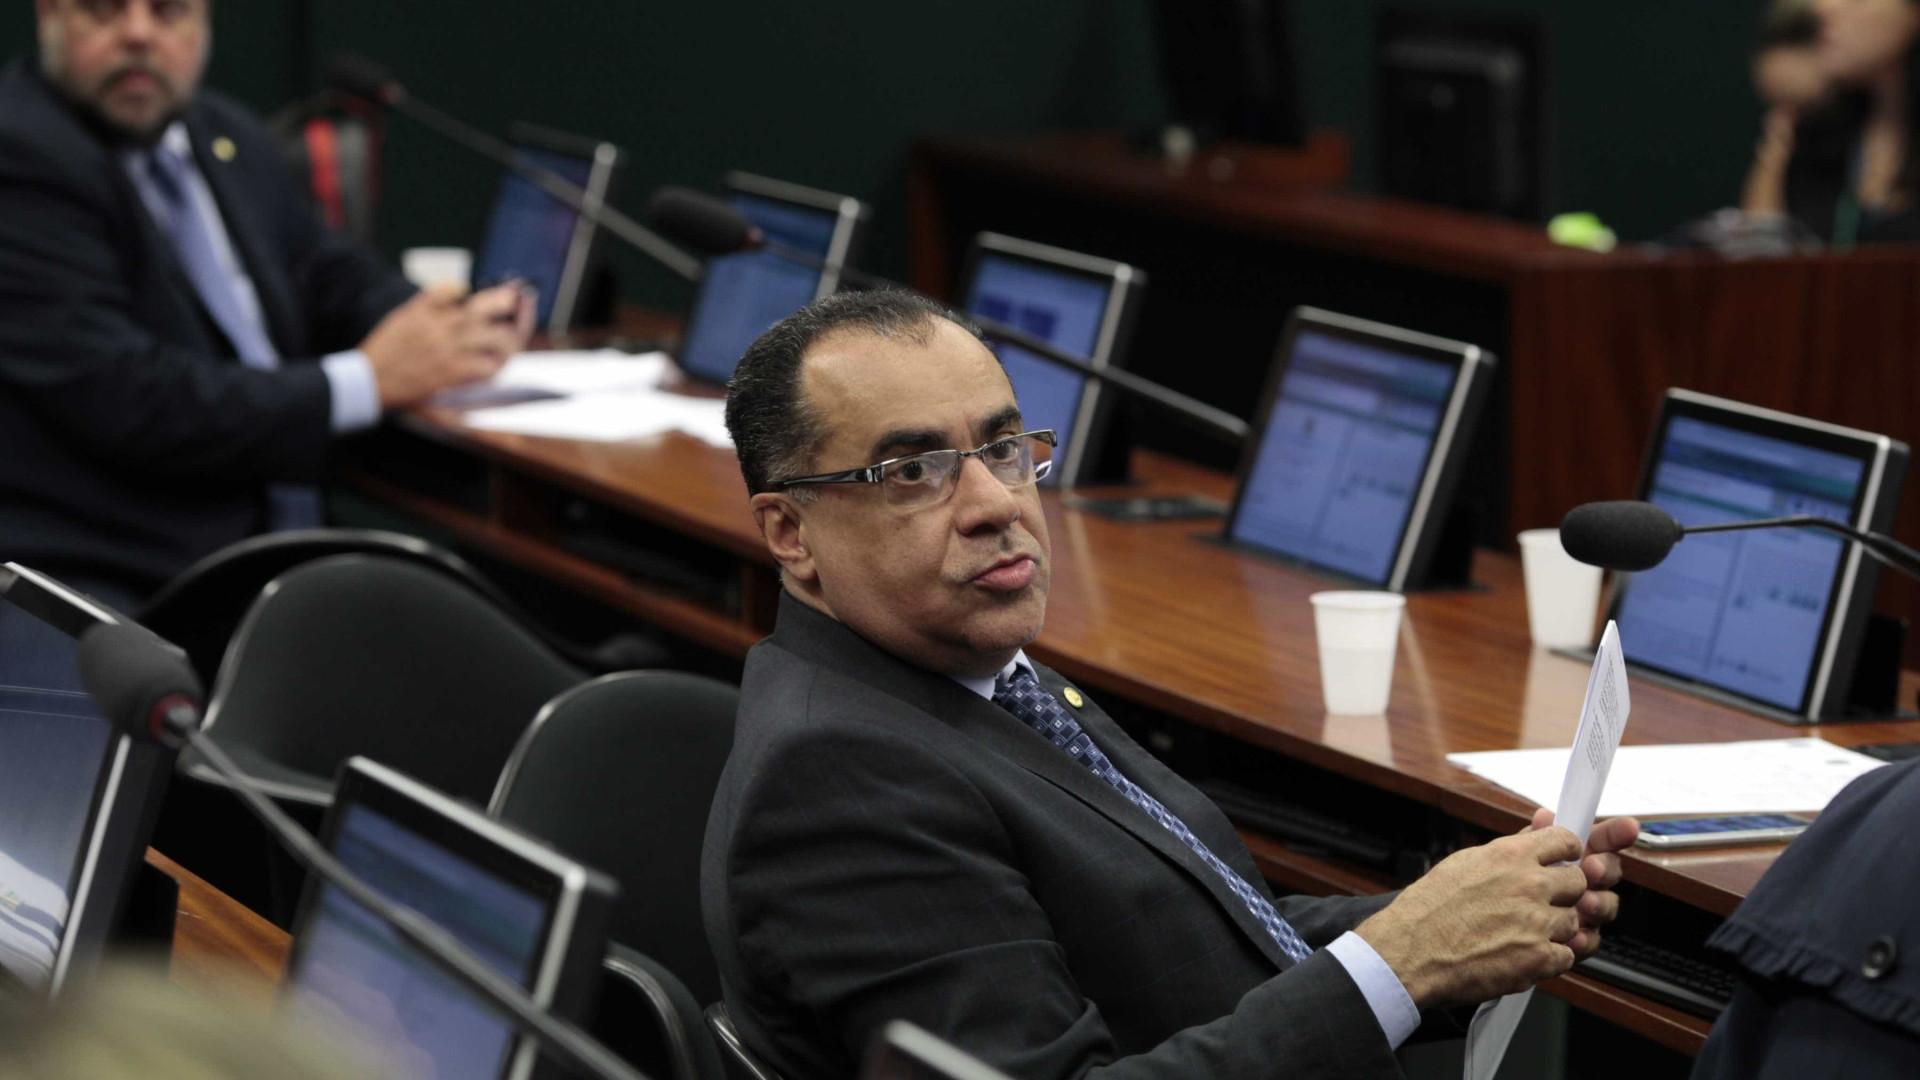 Deputado preso sofre AVC e é internado em Brasília